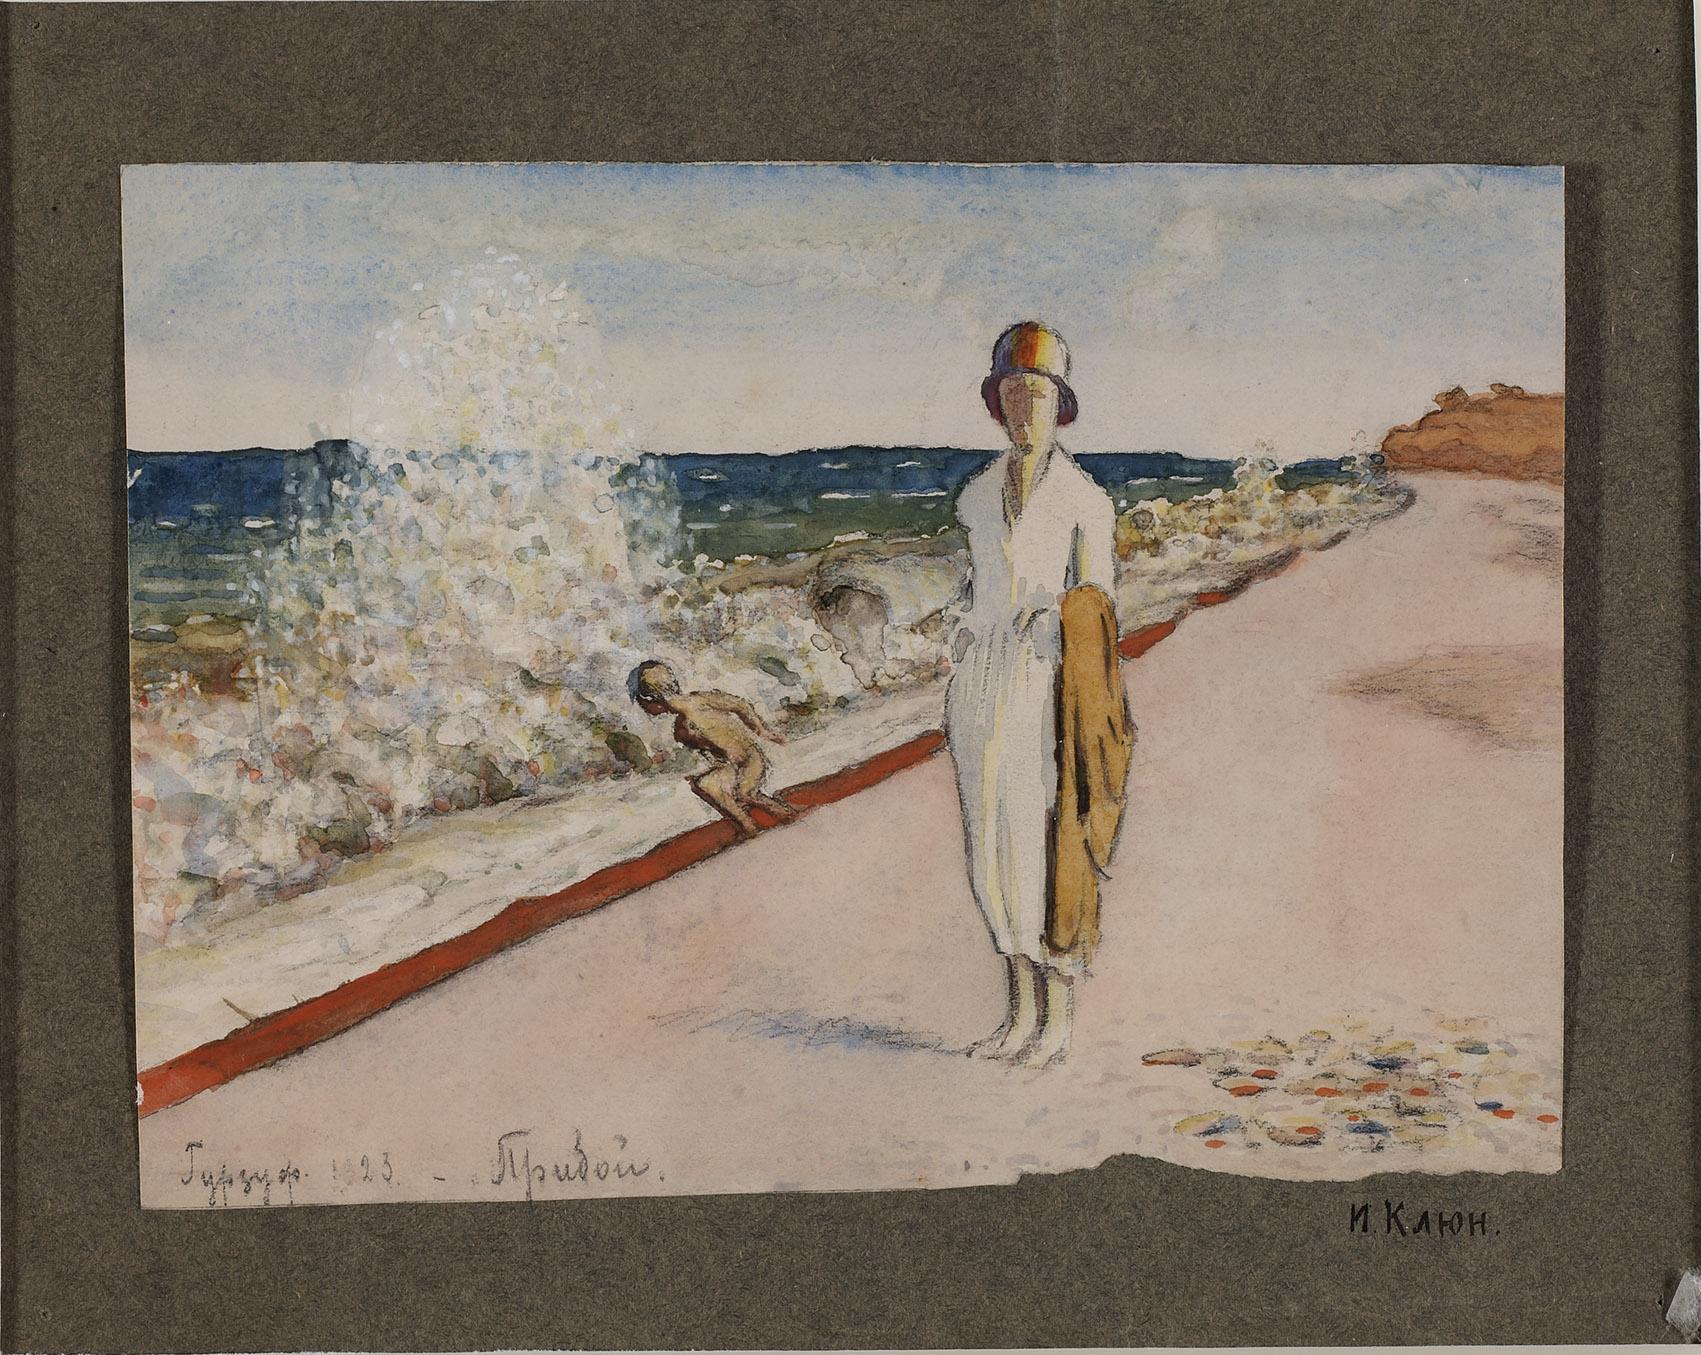 Ιβάν Κλιούν Παραλία στο Γκουρζούφ, 1923 Ακουαρέλα και χαρτί σε χαρτί 16.1×23.1 εκ. © MOMus-Μουσείο Μοντέρνας Τέχνης-Συλλογή Κωστάκη